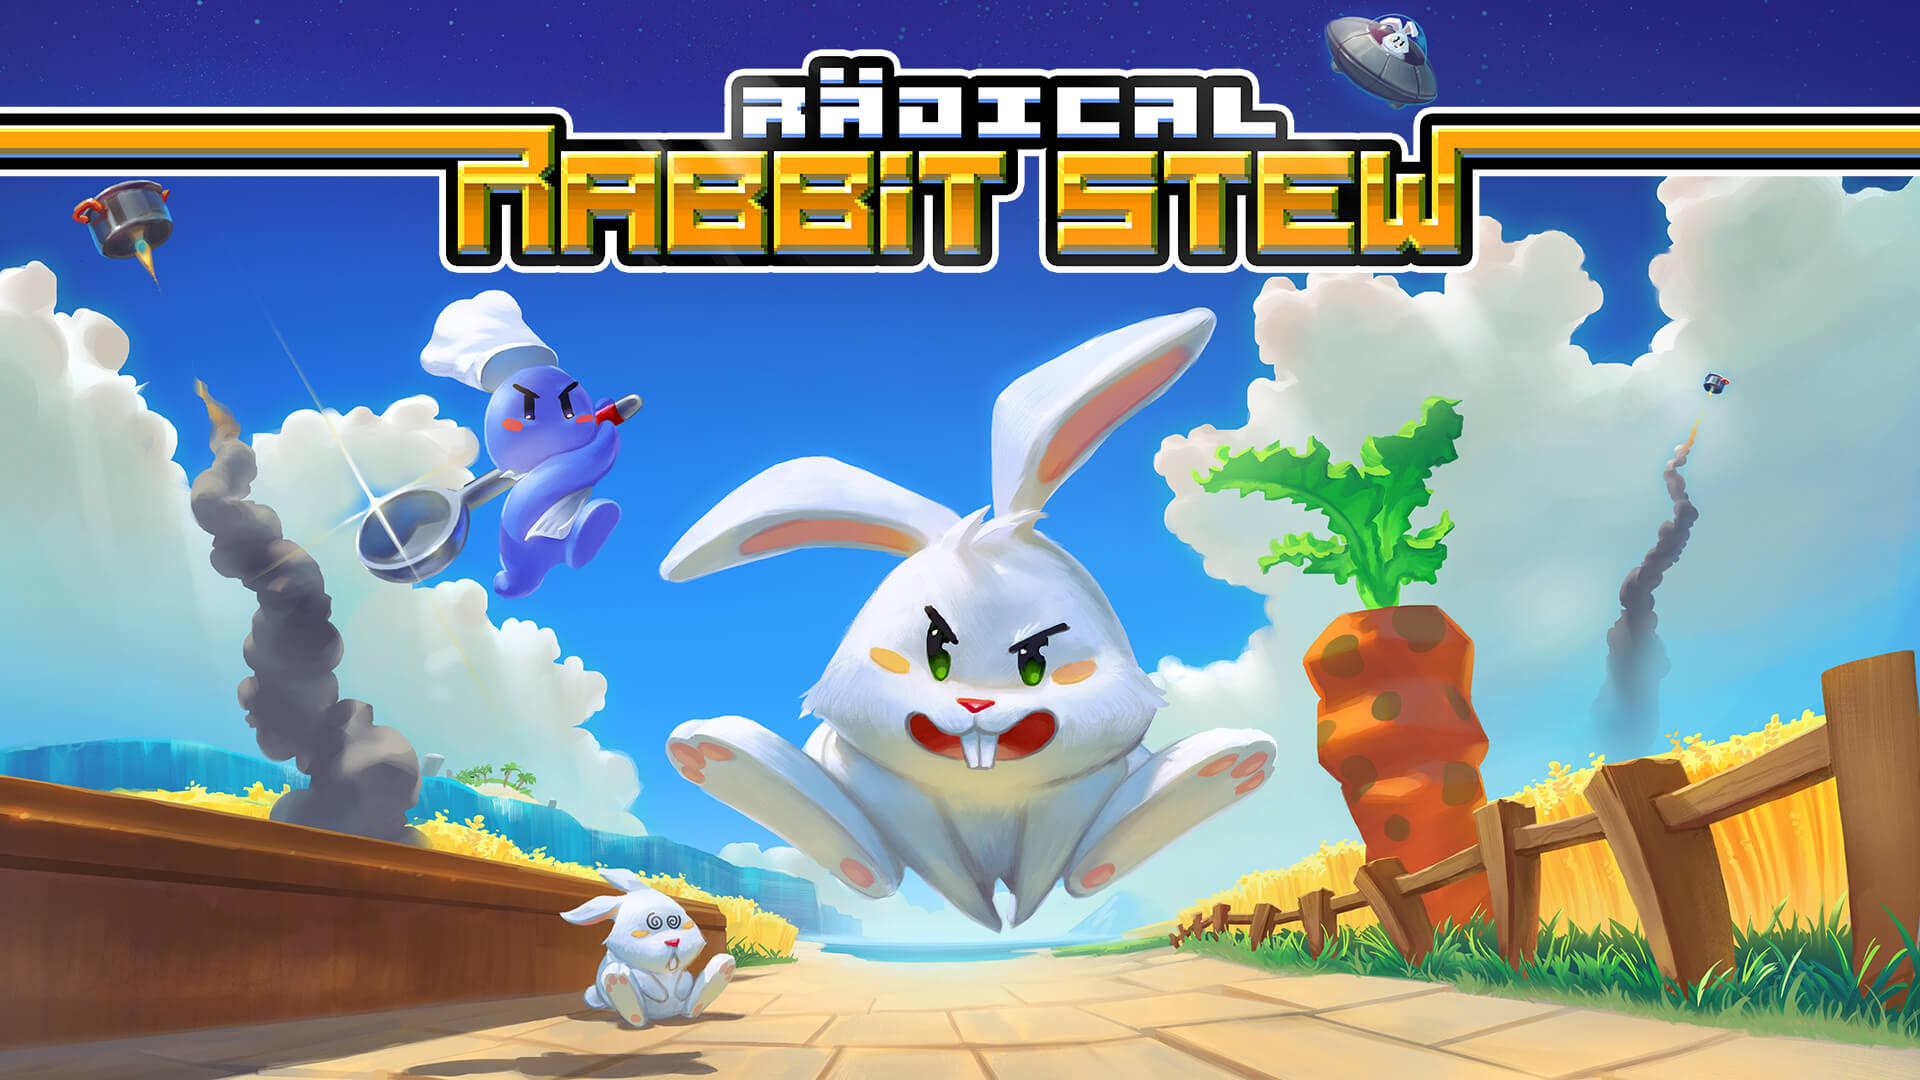 Radical Rabbit Stew Free PC Download